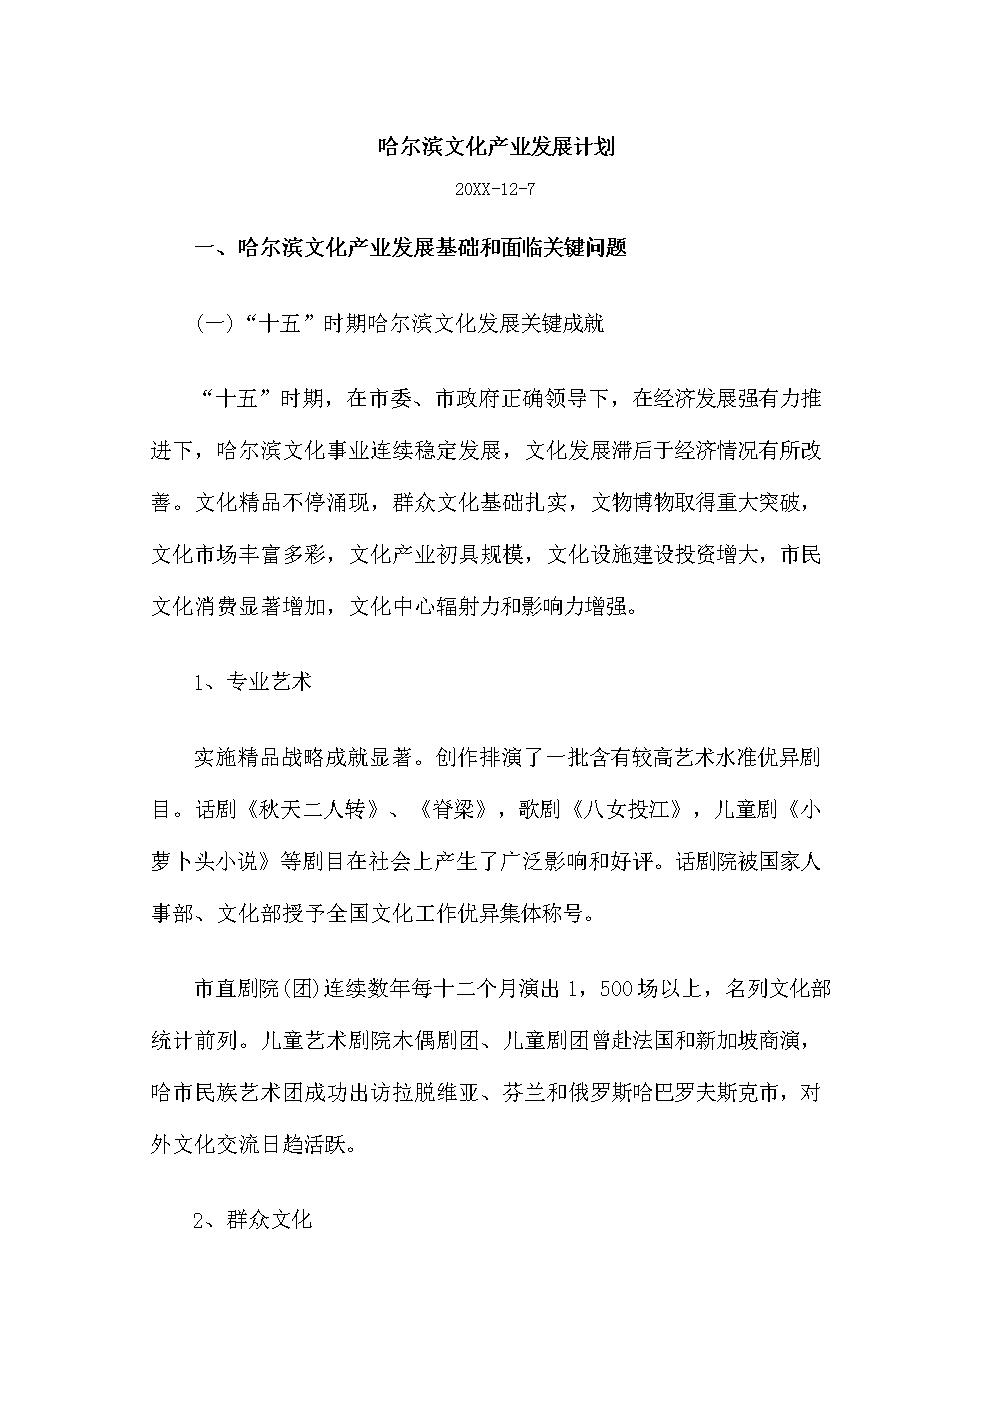 哈尔滨文化产业发展指导规划方案.doc